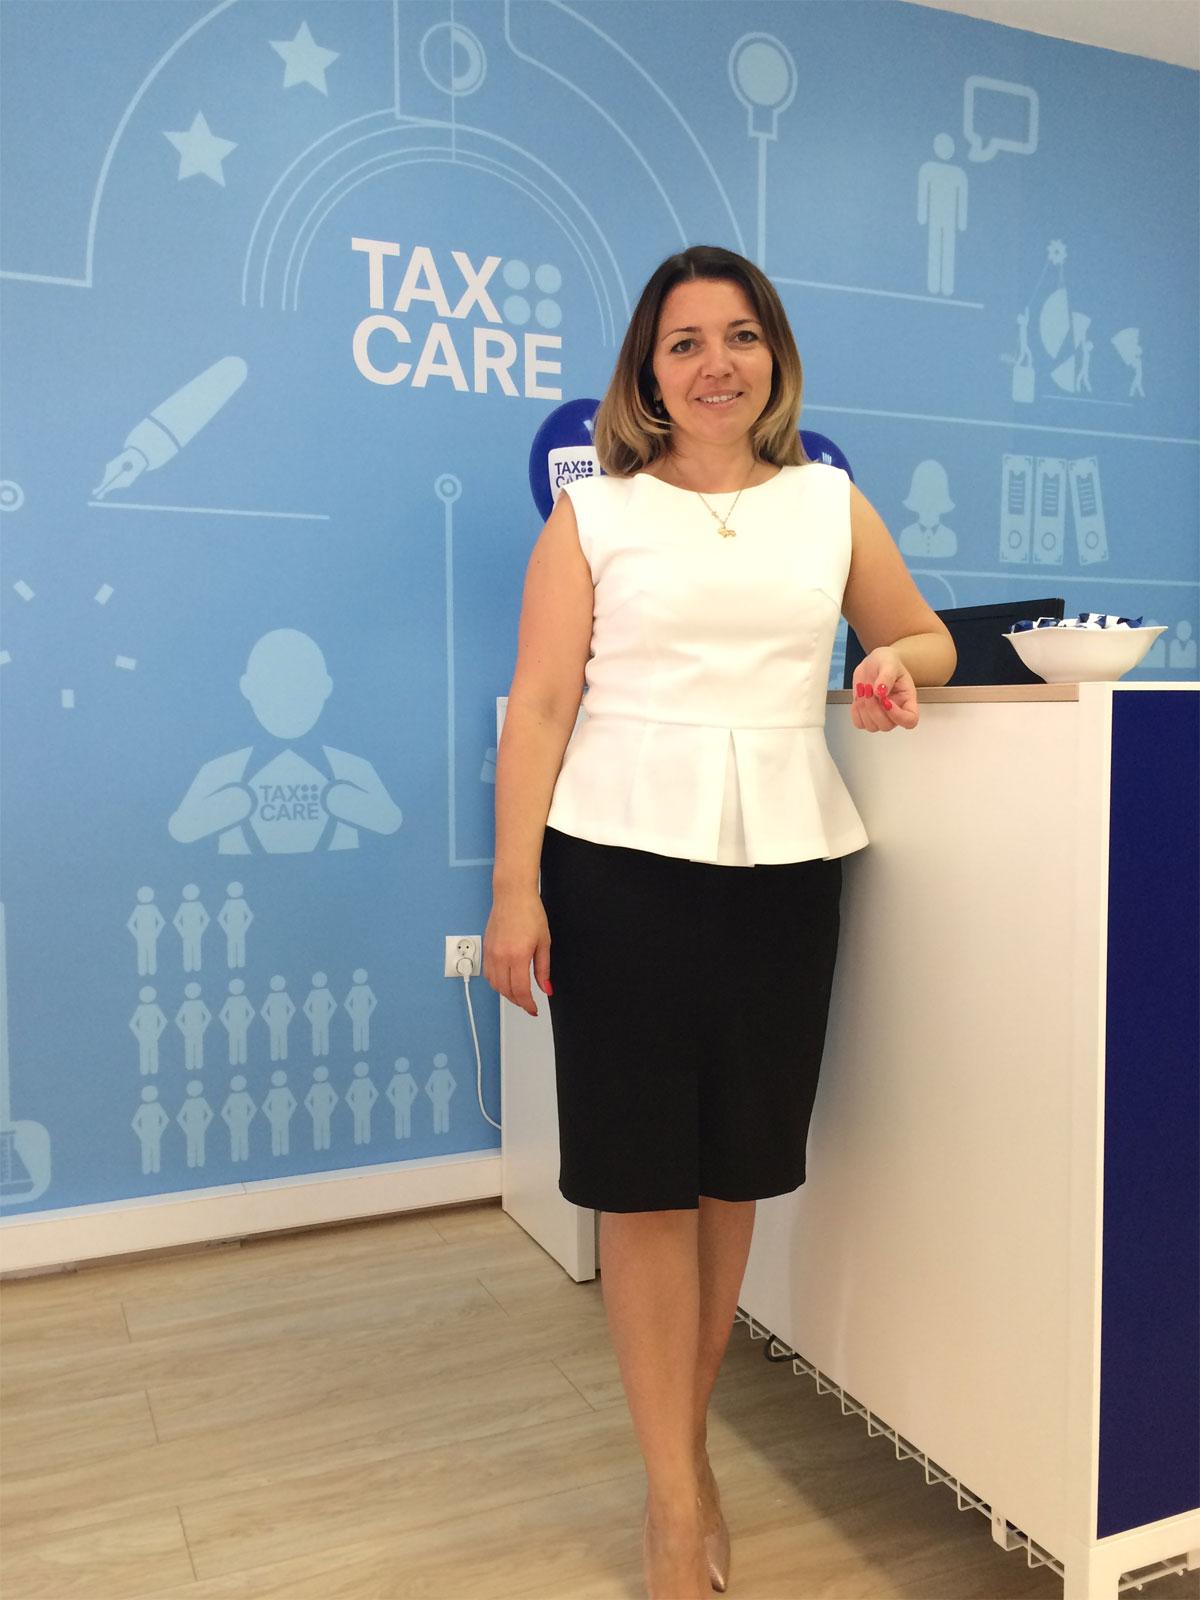 Joanna Babiło, franczyzobiorczyni Tax Care